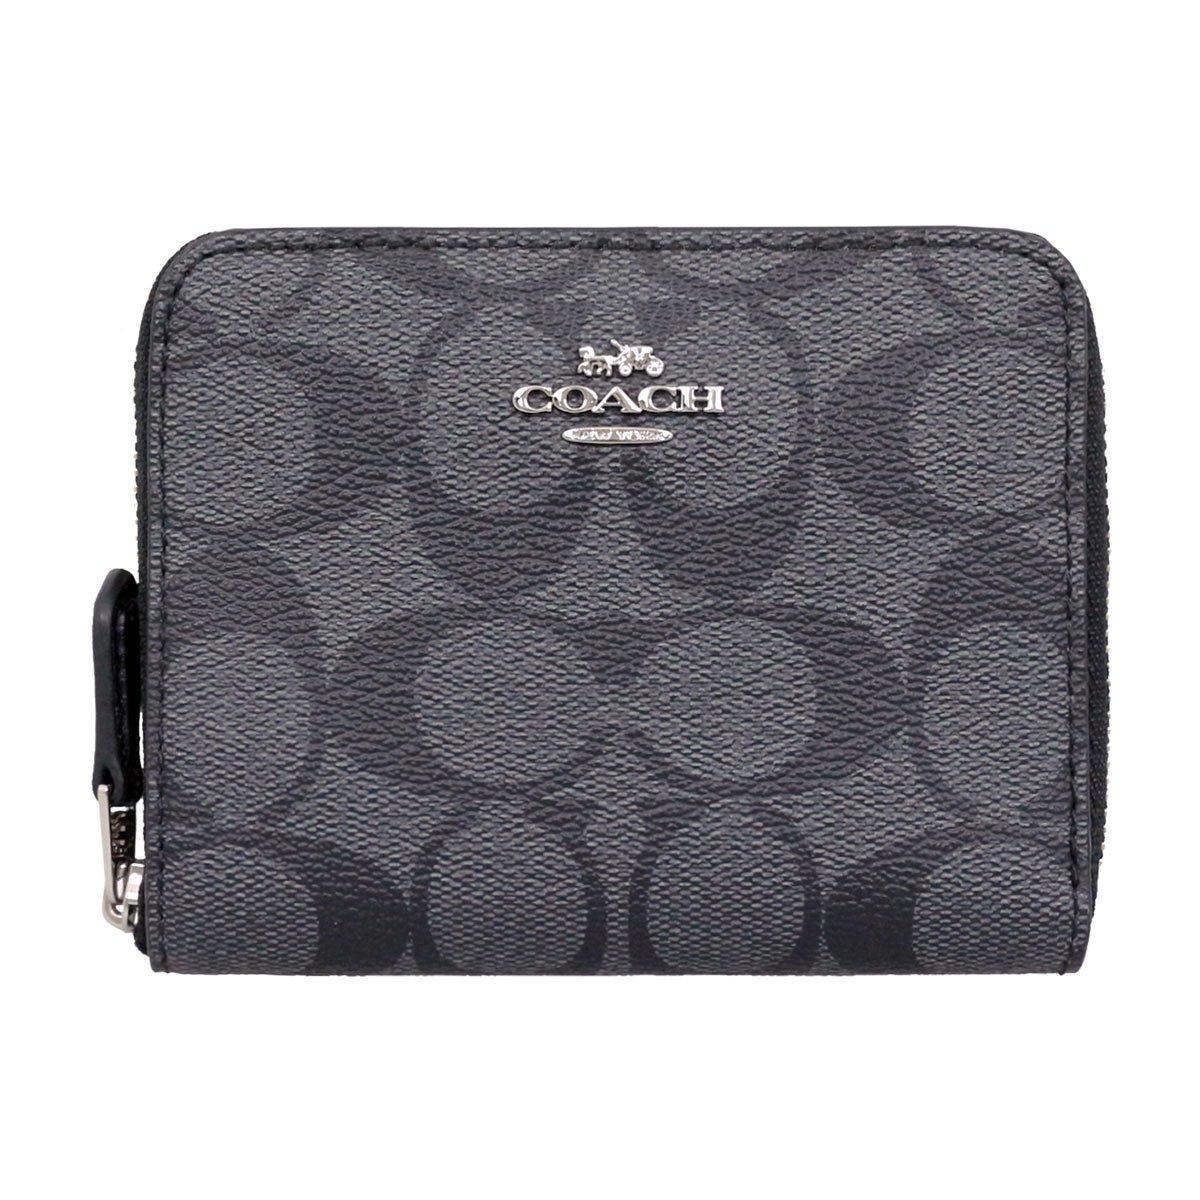 [コーチ] COACH 財布 (二つ折り財布) F30308 ブラックスモーク×ブラック SVDK6 シグネチャー 二つ折り財布 レディース [アウトレット品] [ブランド] [並行輸入品] B07D2DK78F